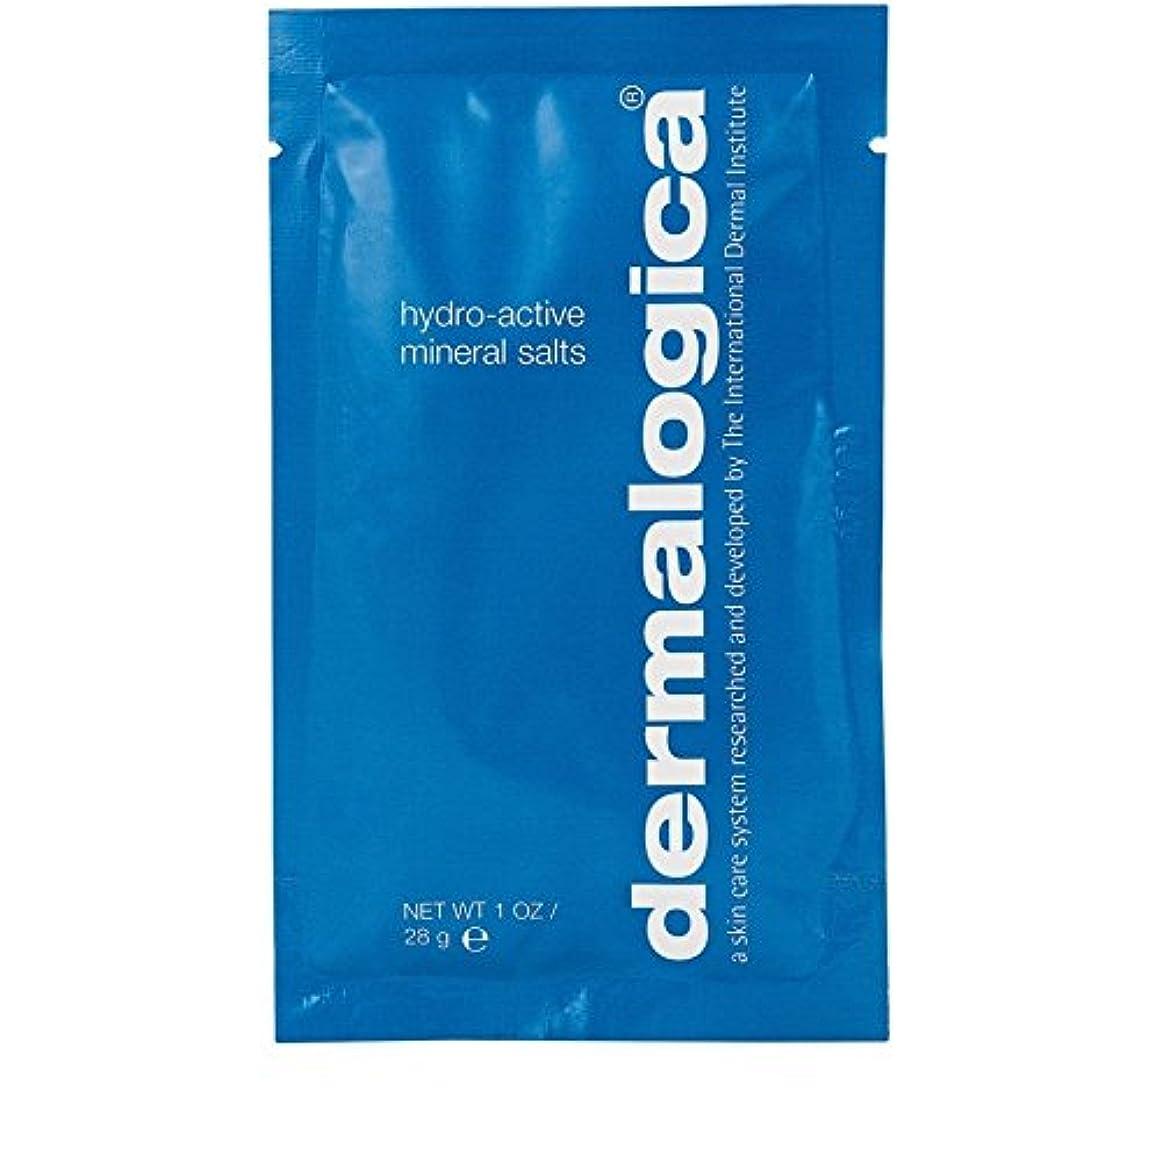 モディッシュ抗生物質感性ダーマロジカ水力アクティブミネラル塩28グラム x2 - Dermalogica Hydro Active Mineral Salt 28g (Pack of 2) [並行輸入品]